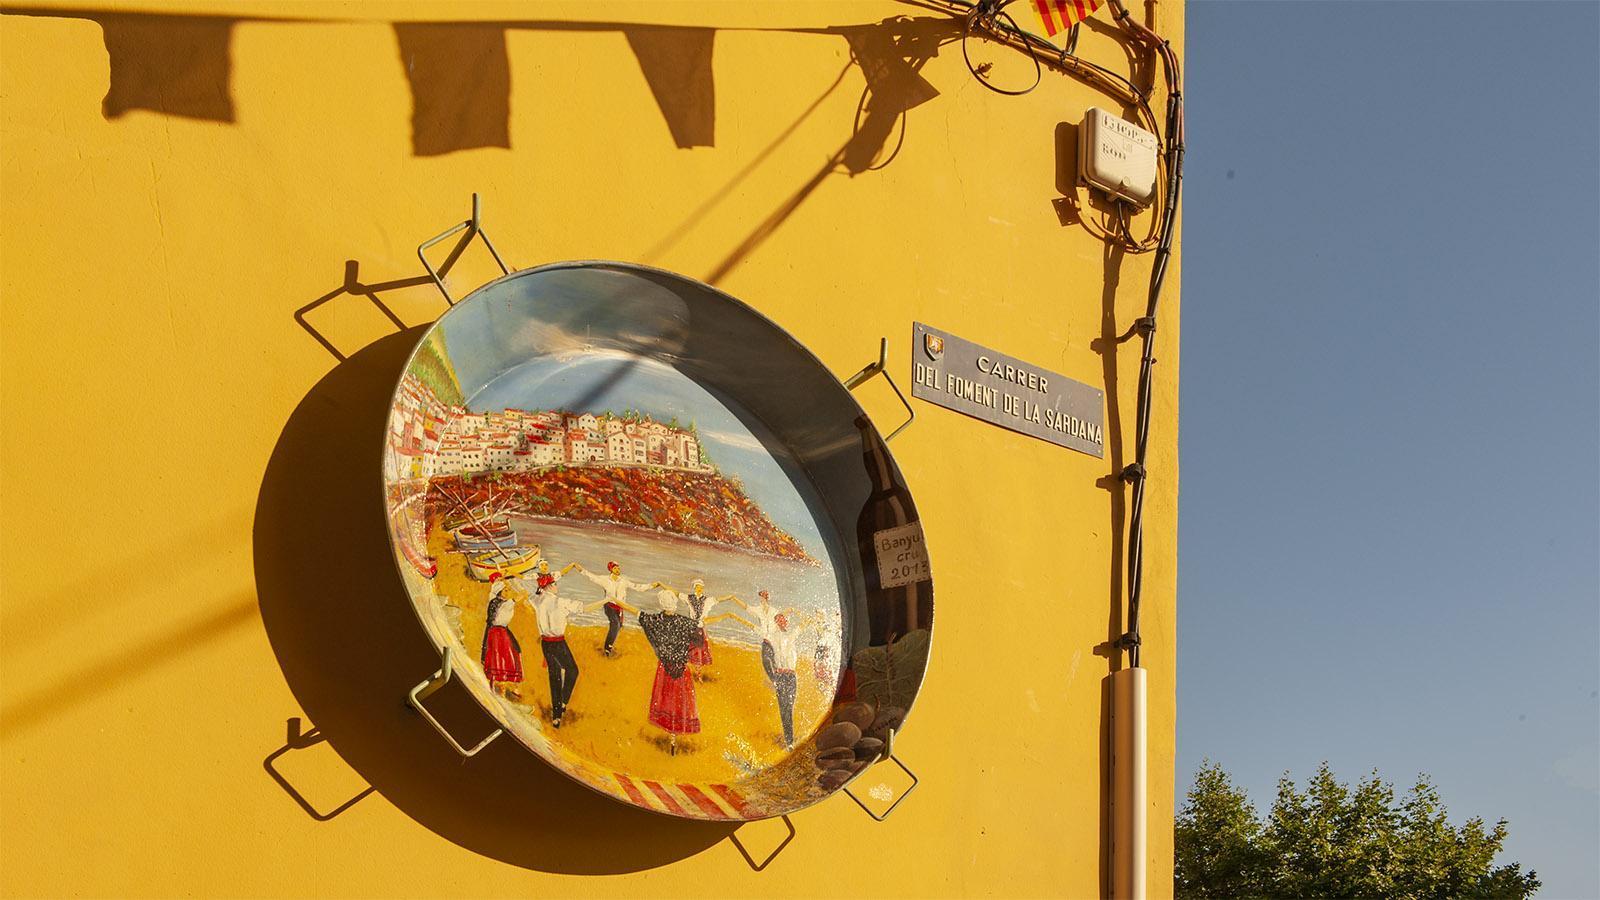 """Banyuls: Diese Straße erinnert mit ihrem Namen und einer bemalten Paella-Pfanne an den ktalanischen Reigentanz """"Sardane"""". Foto: Hilke Maunder"""